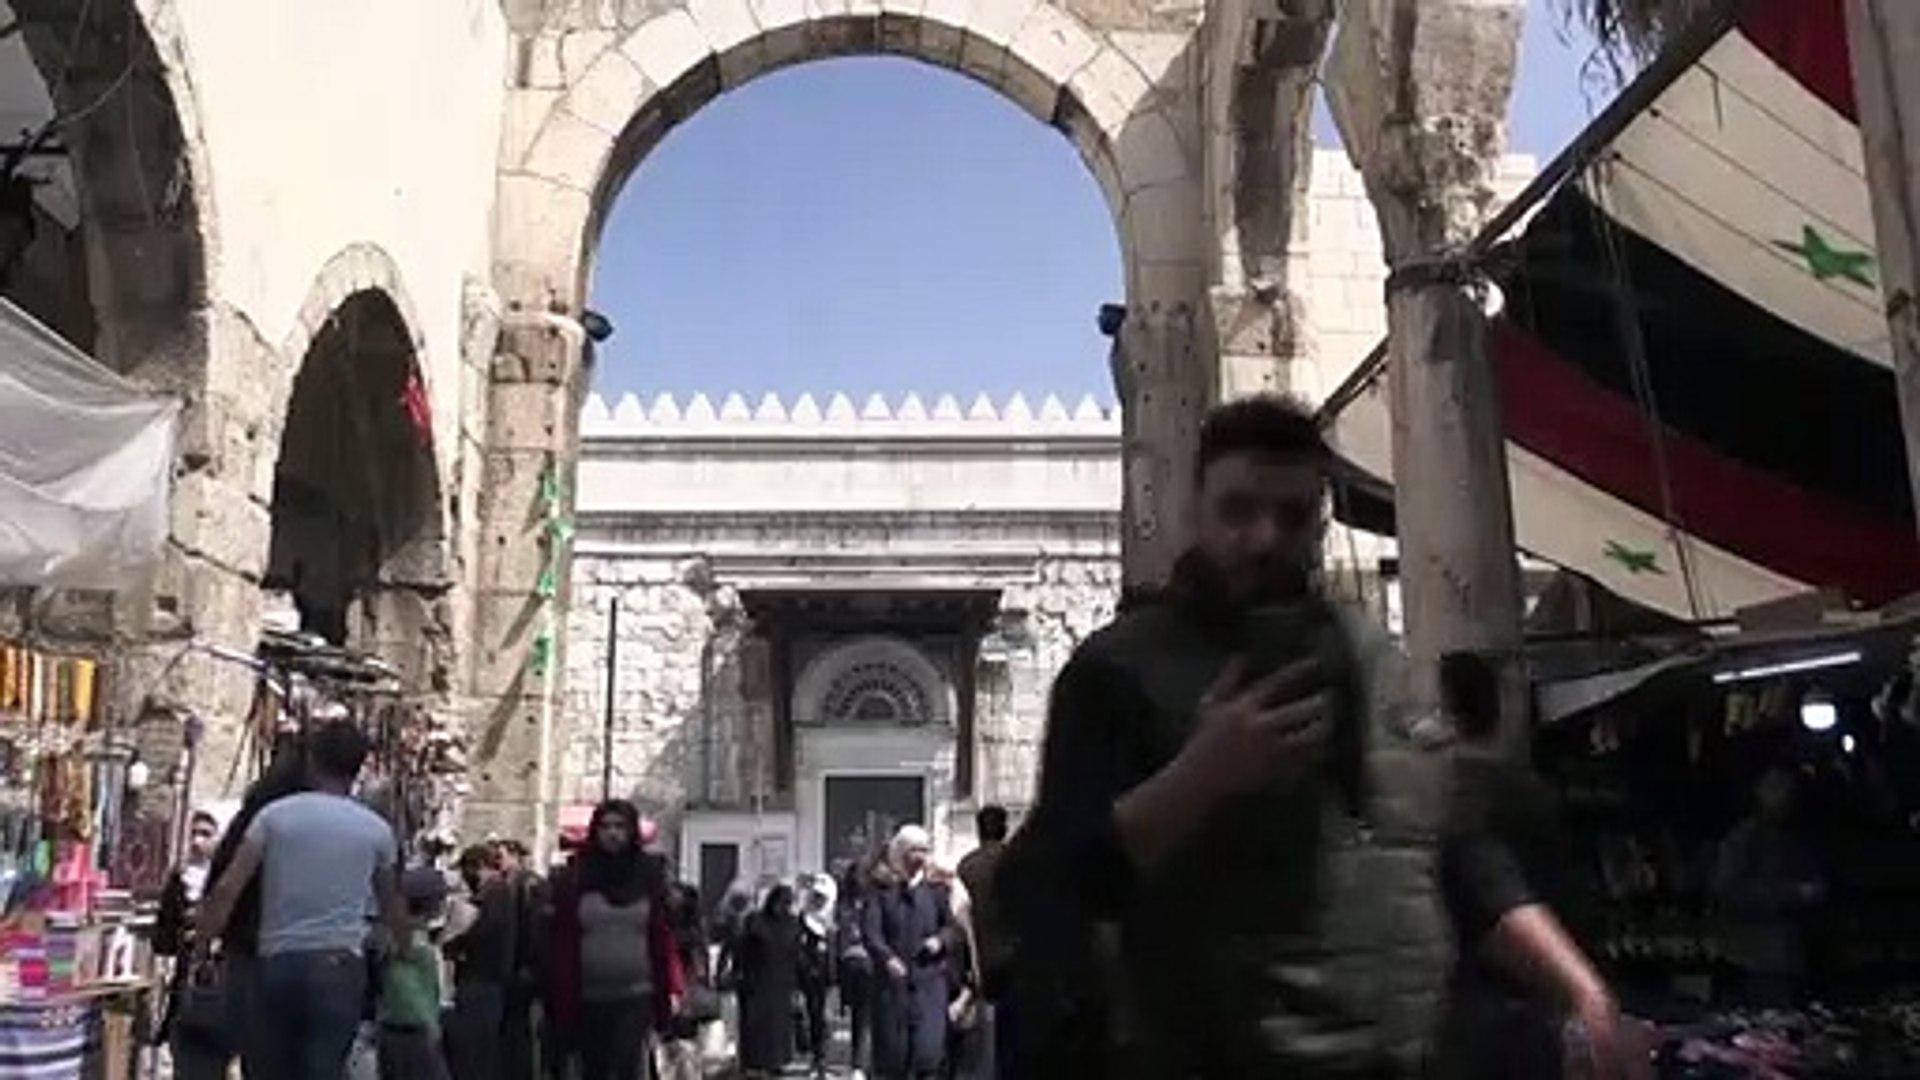 العالم بعد كورونا: المفكر السوري عماد شعيبي يتوقع نظاماً عالميا جديدا